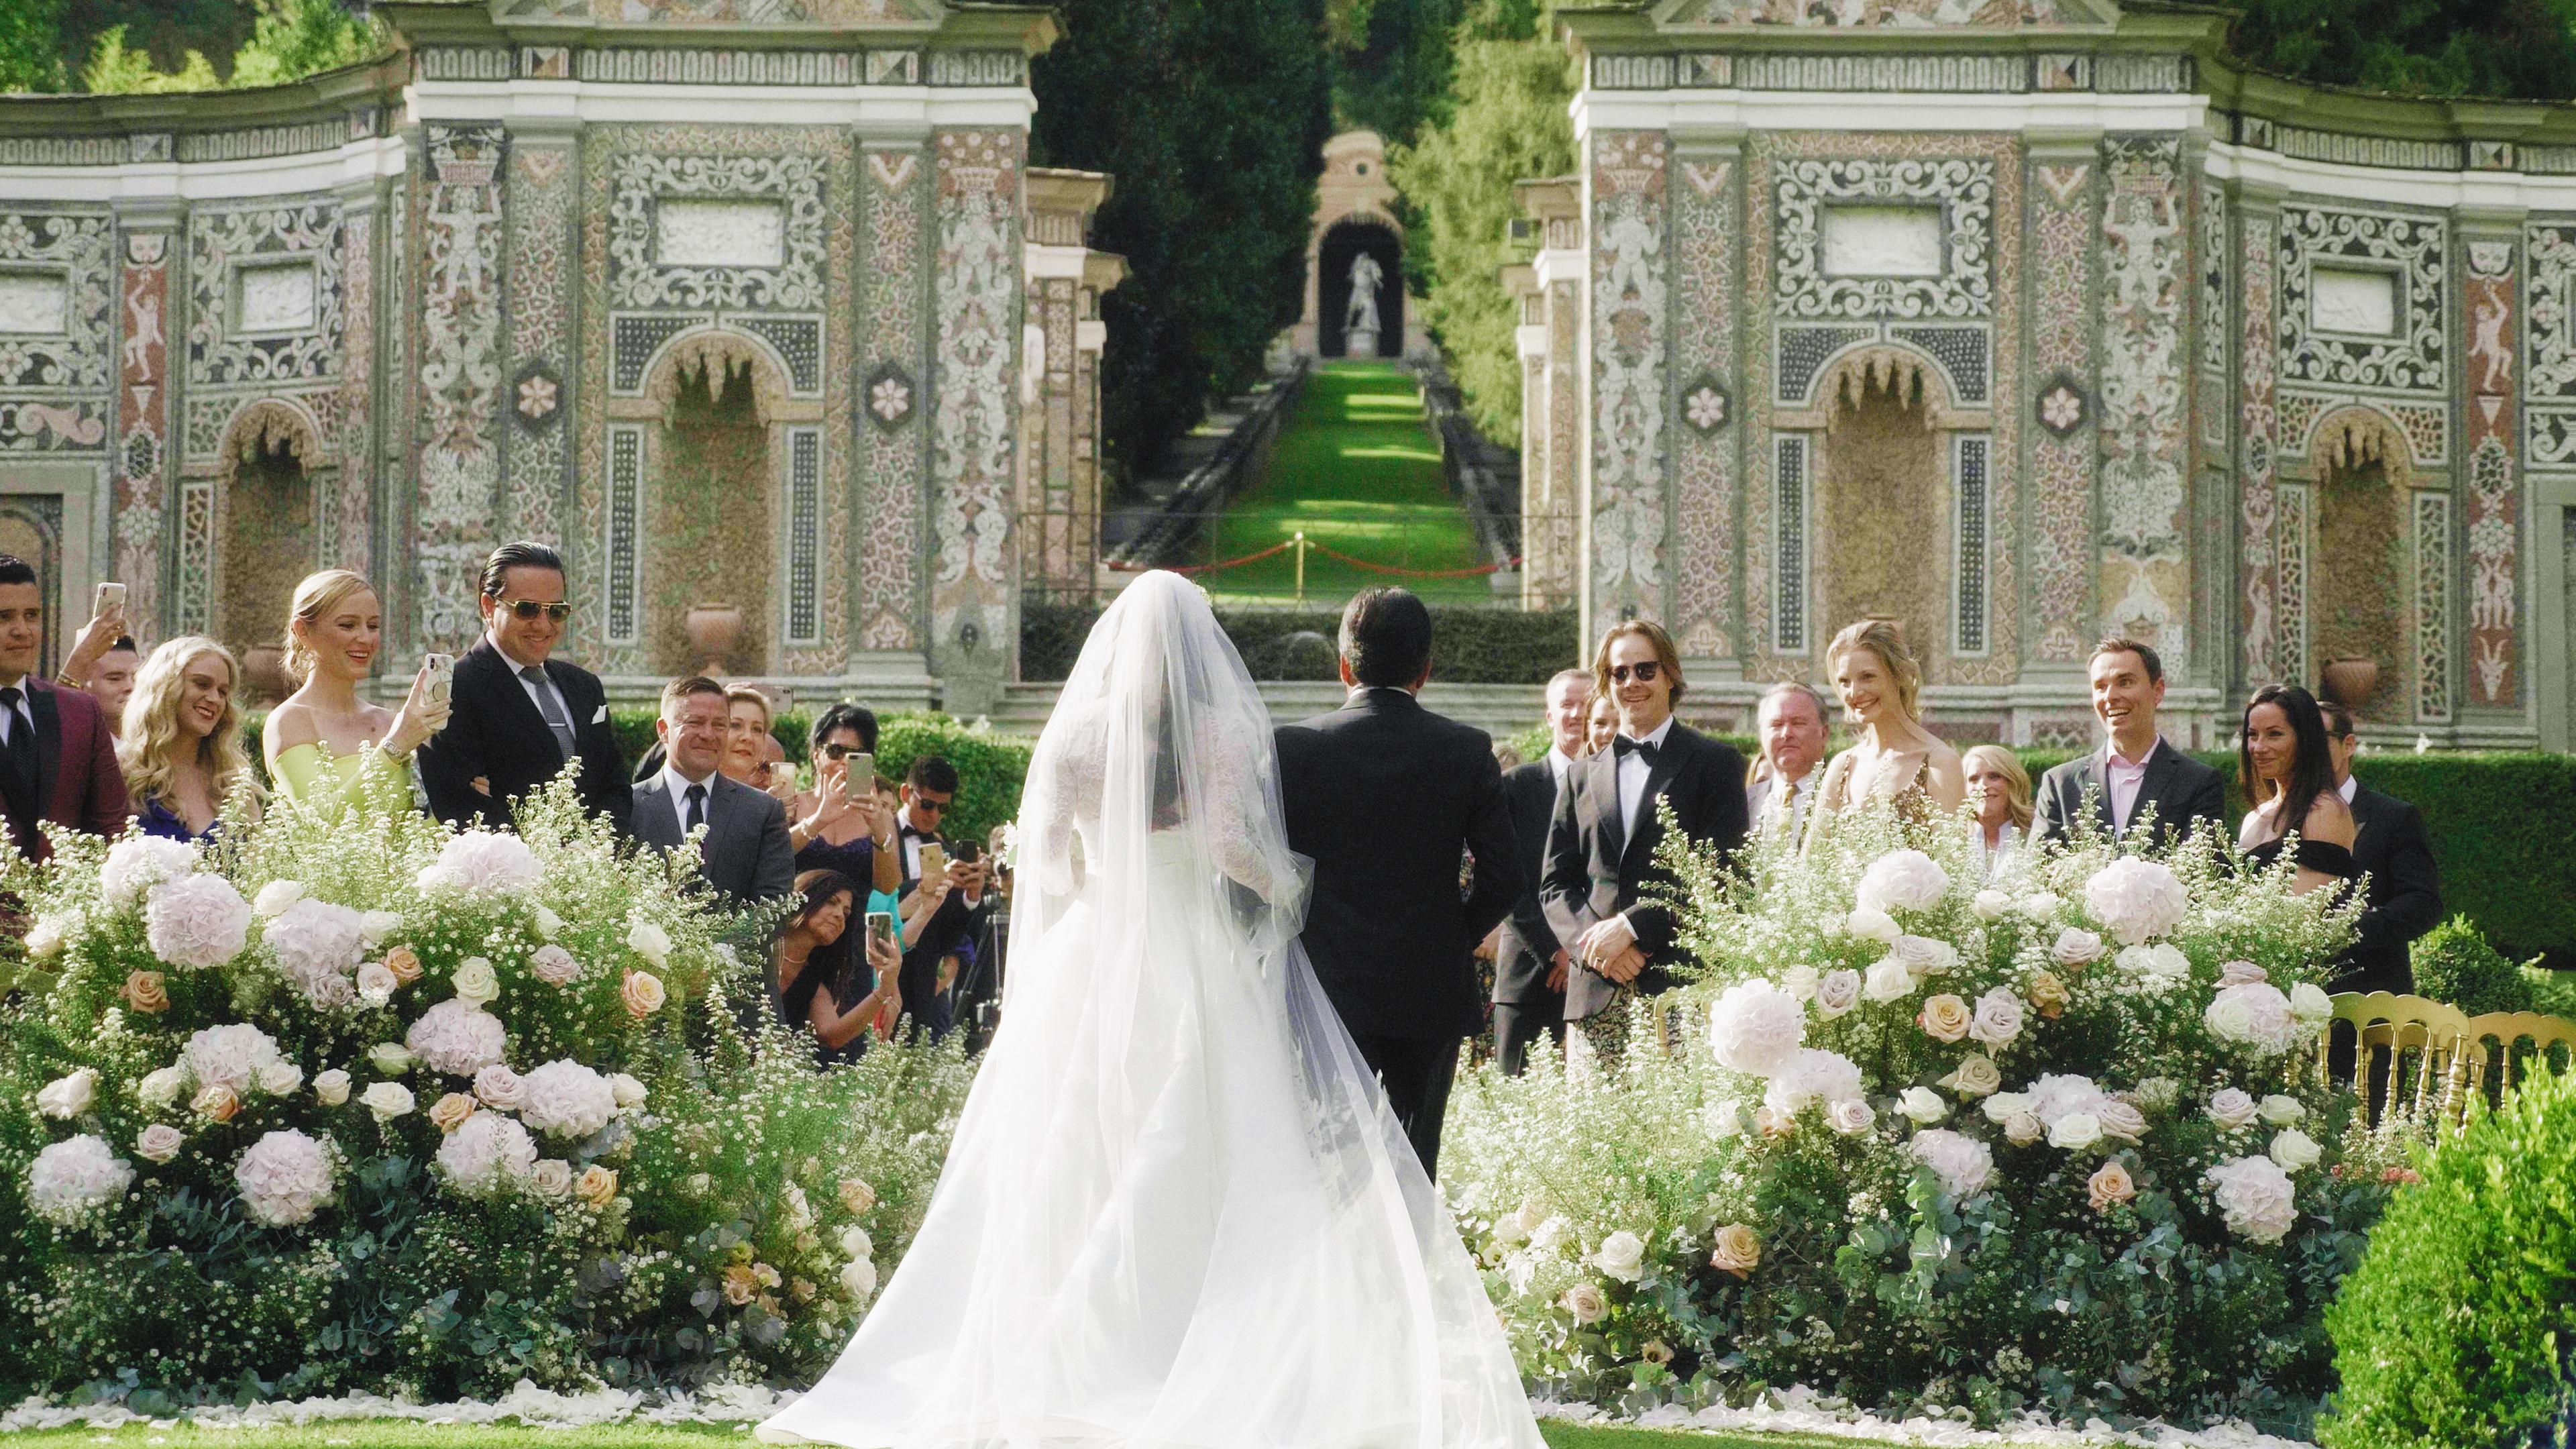 Lisa + Dean | Province of Como, Italy | villa D'este